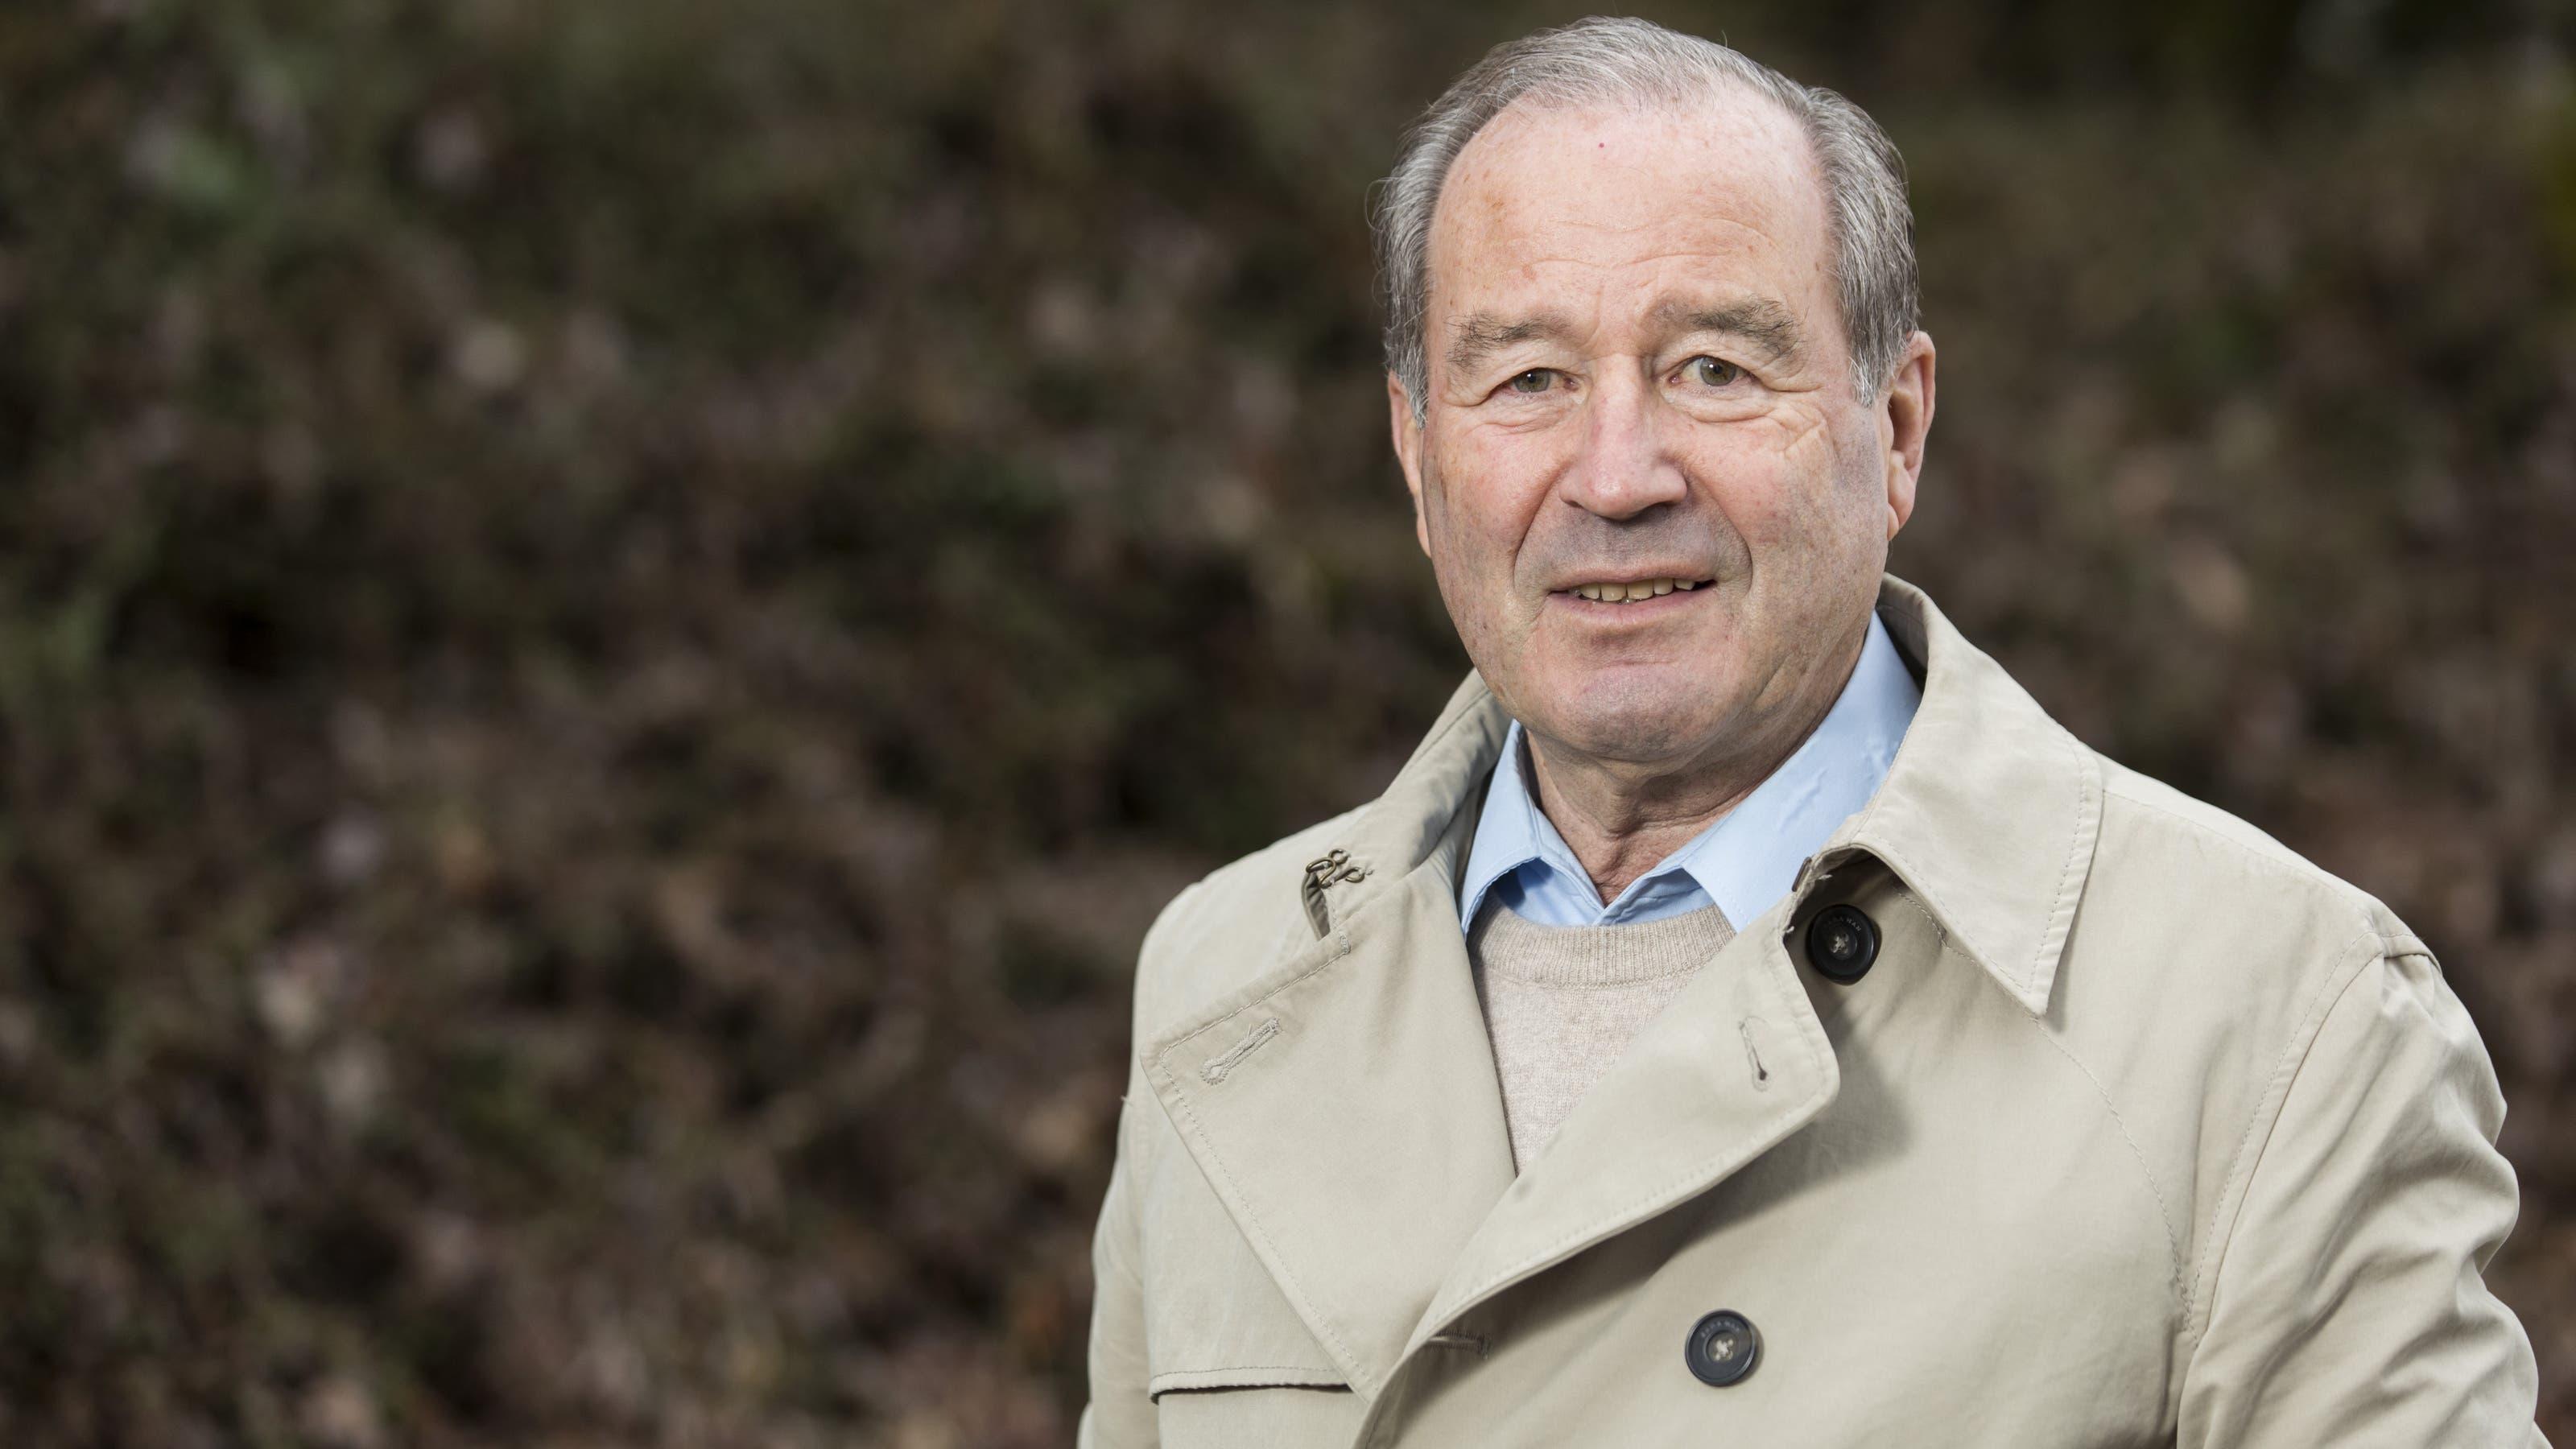 Der mittlerweile 77-jährige Maximilian Reimmann lässt sich von der SVP-Altersguillotine nicht stoppen. Der Nationalrat tritt nun unabhängig mit dem «Team 65+» nochmals an. (Bild: Aargauer Zeitung)